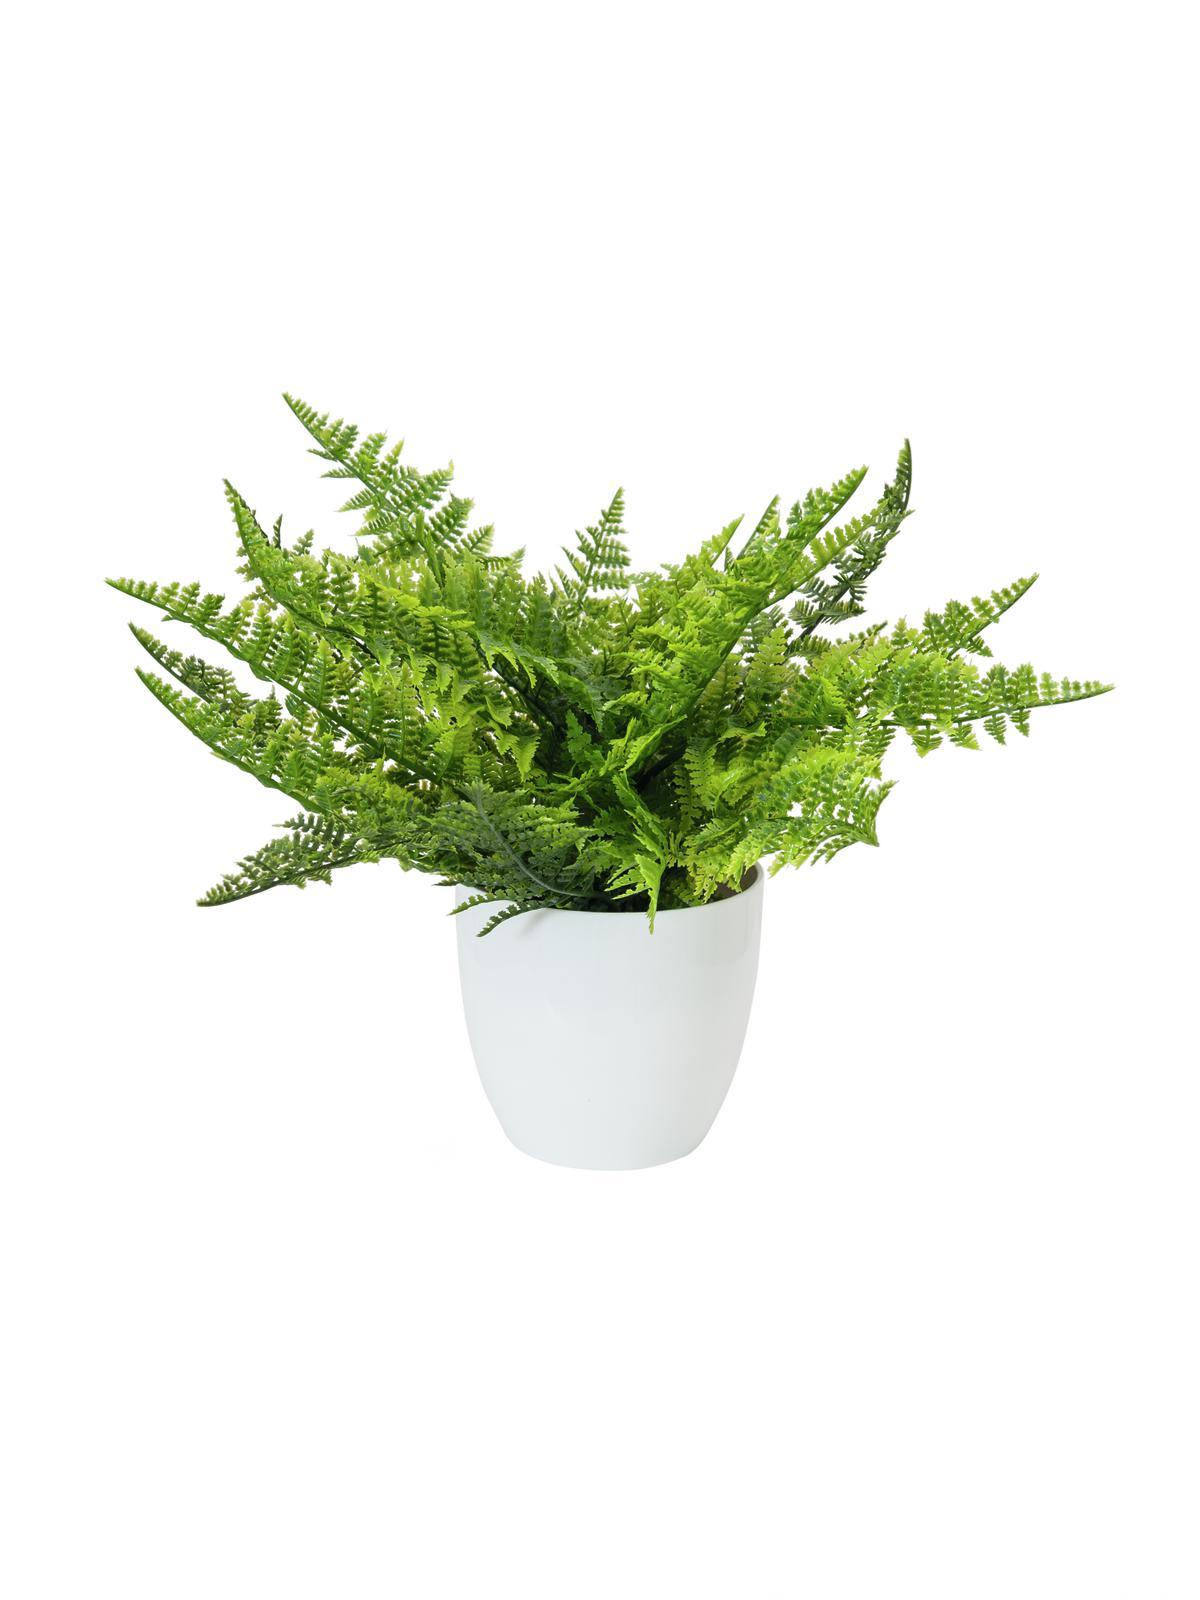 Billede af Kunstig Fern bush in pot, 22 leaves, 33cm